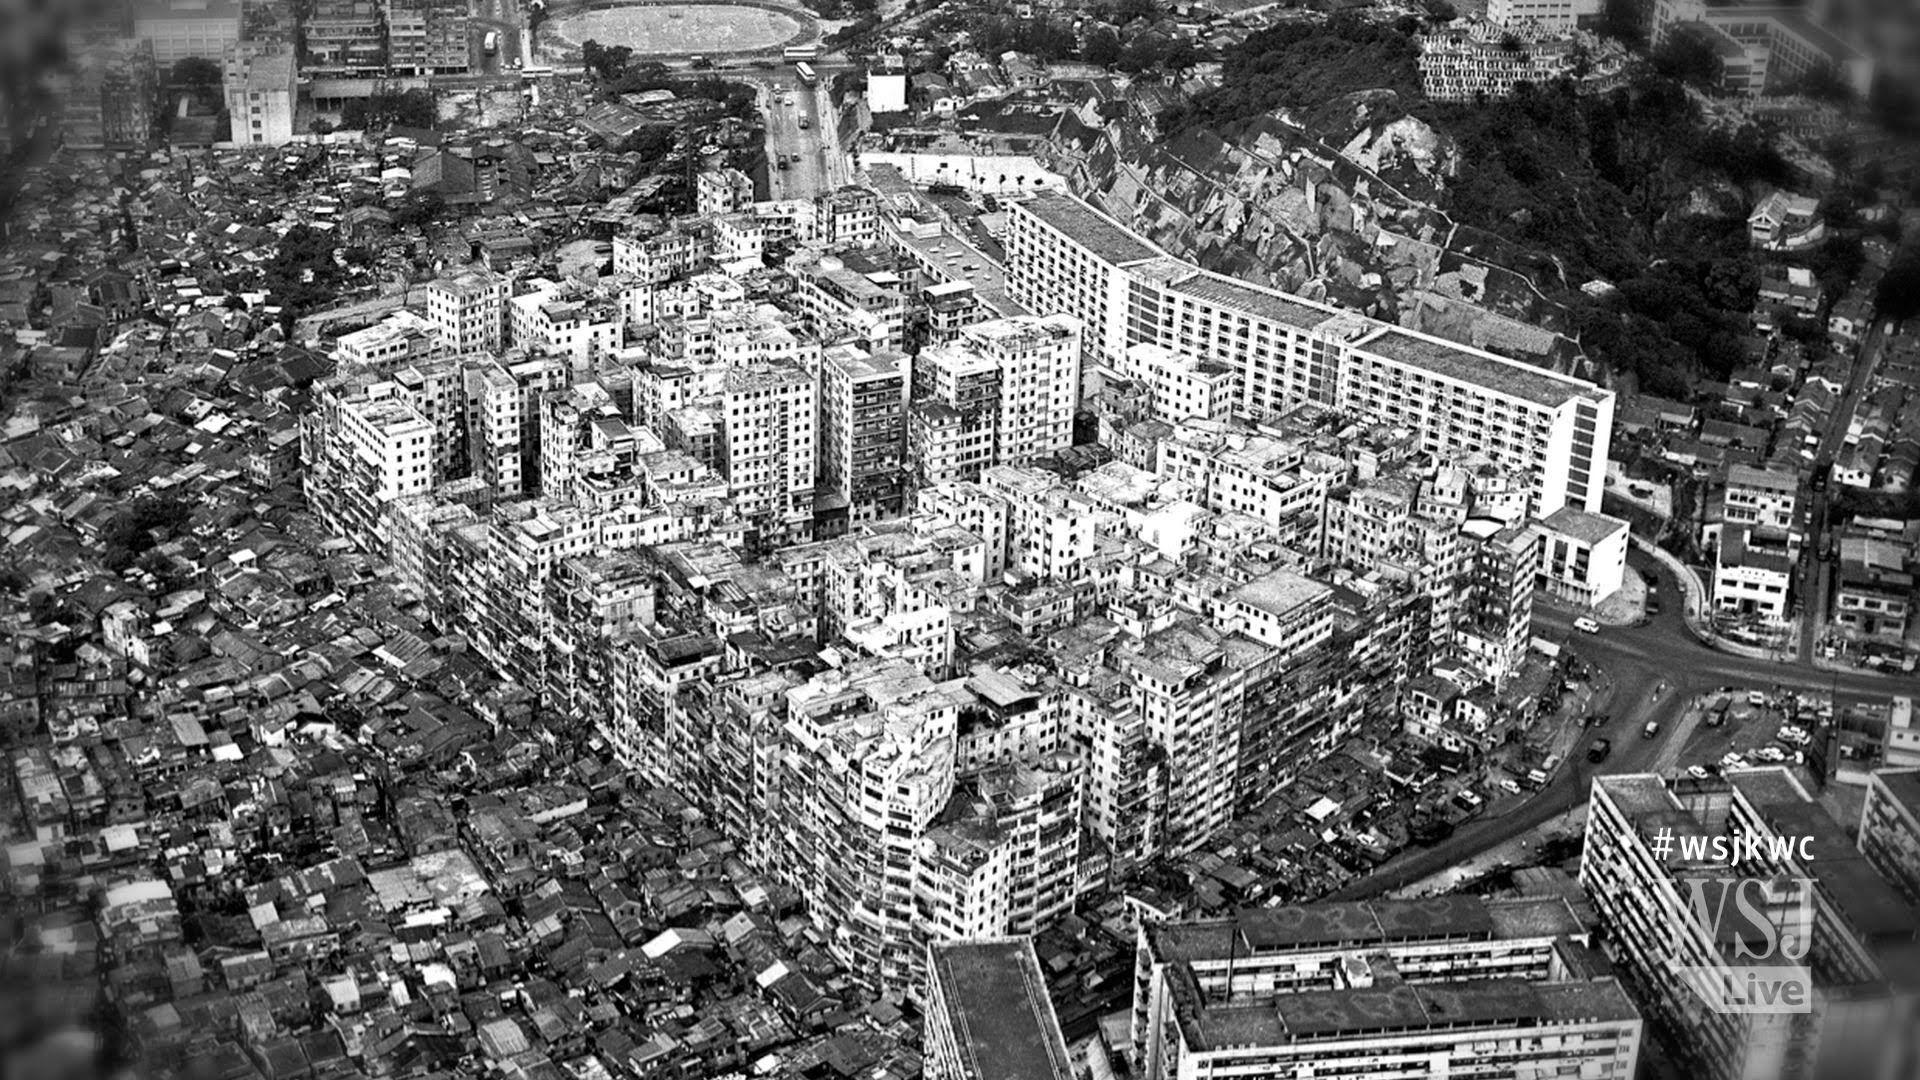 Kowloon hong kong The Kowloon Walled City